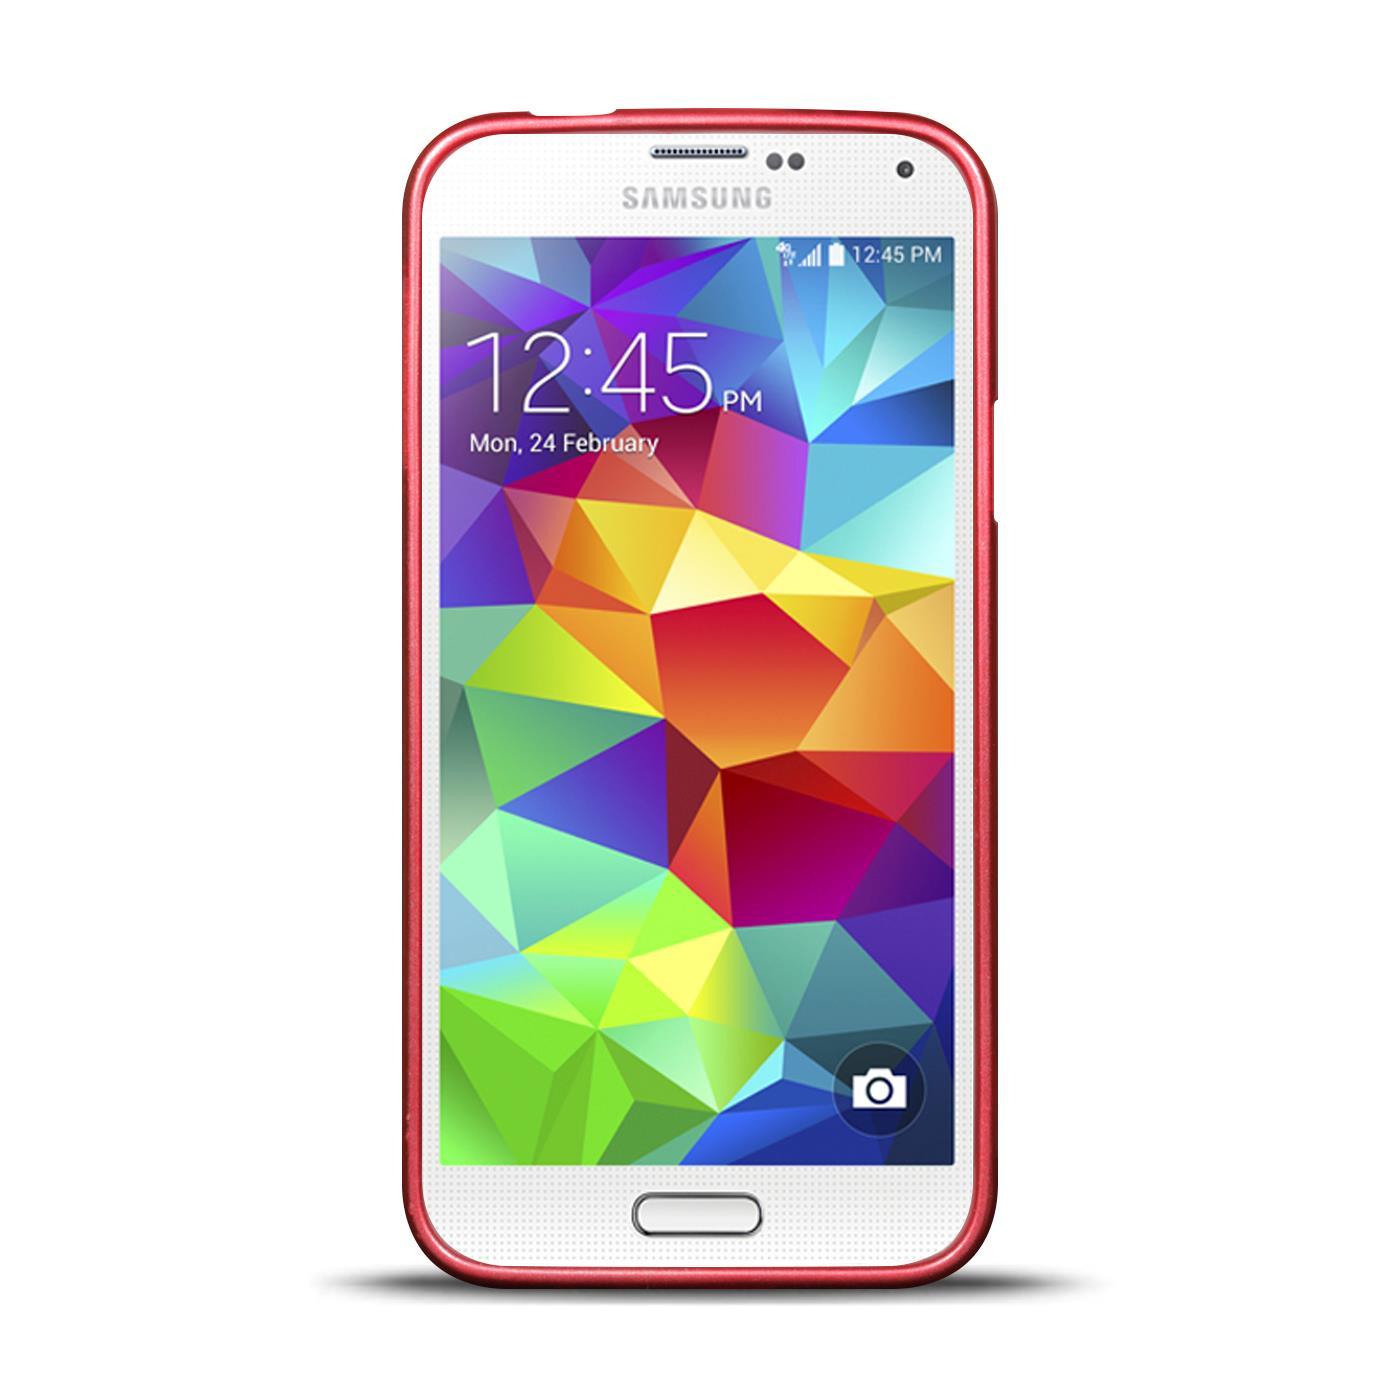 Silikon-Bumper-Case-Samsung-Galaxy-s5-Neo-duenne-ultra-slim-Stossfeste-Rueckschale Indexbild 35